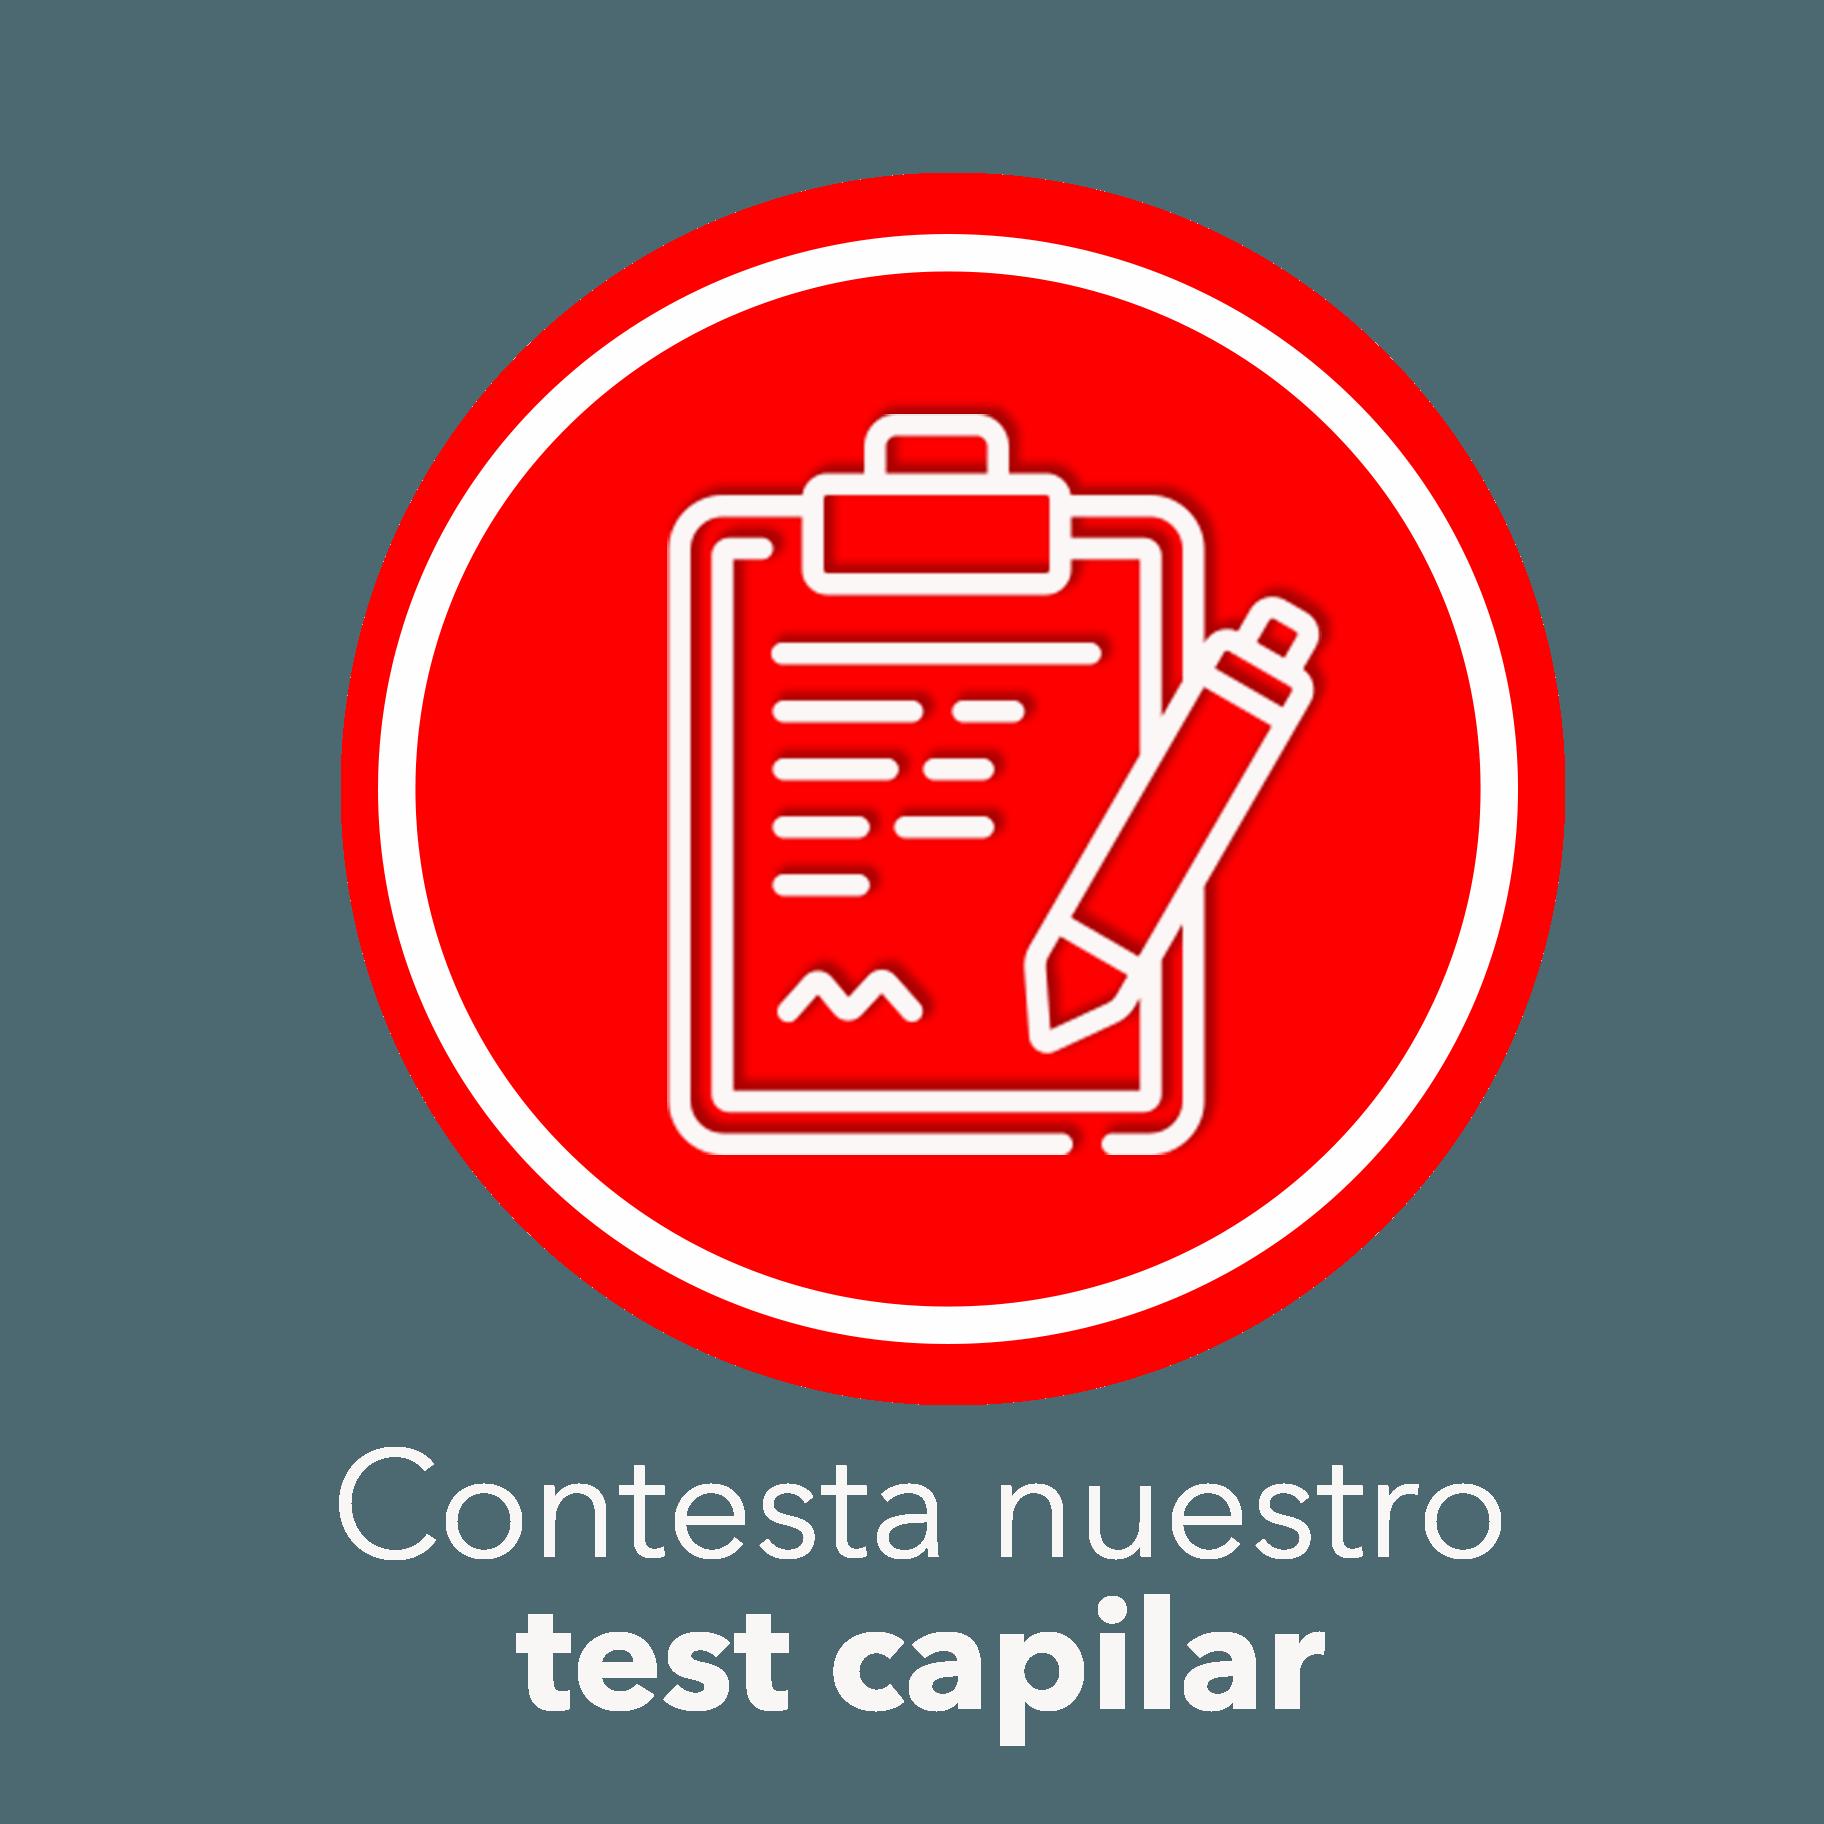 Test capilar